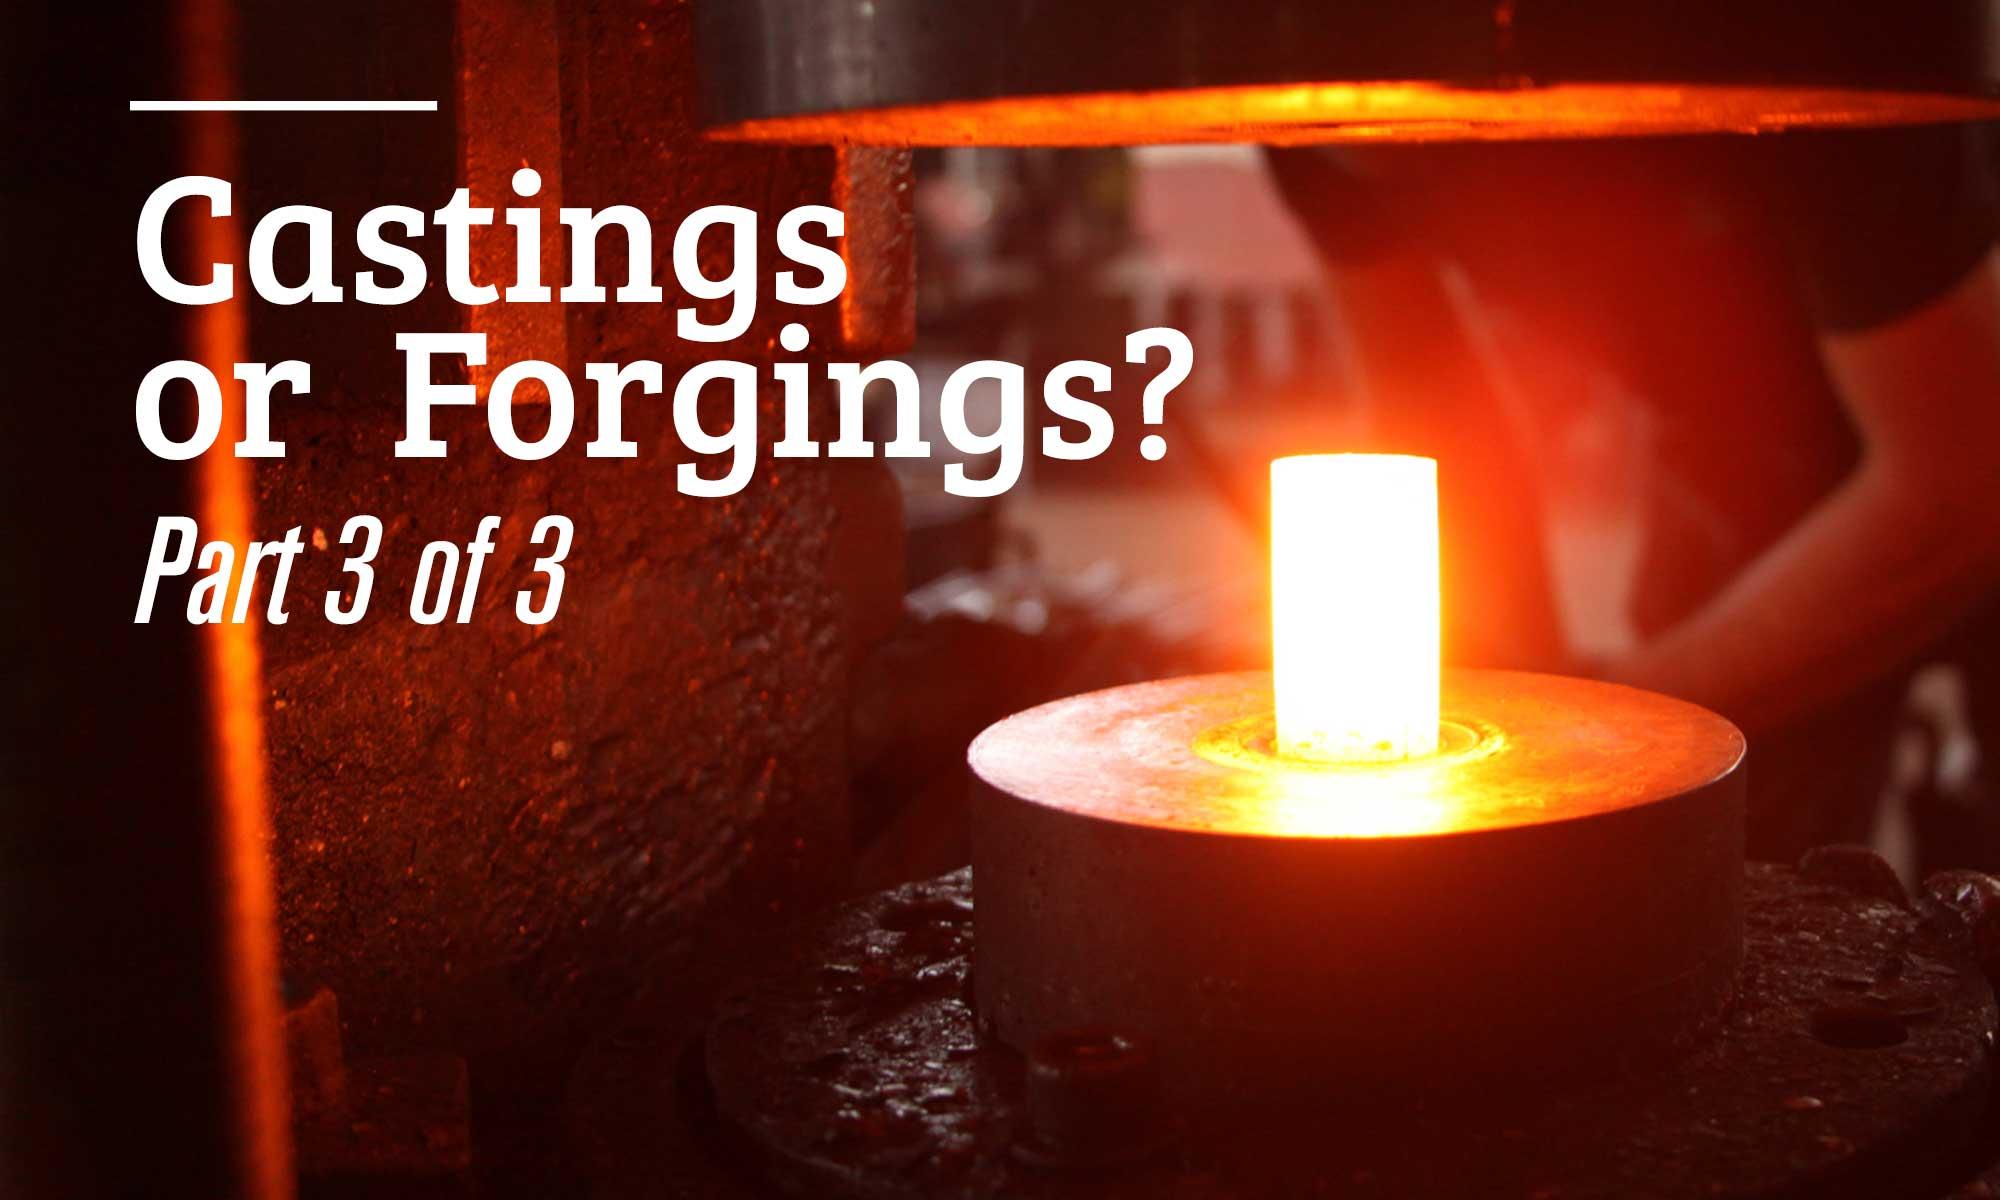 TFGUSA-castingsorforgings-part3